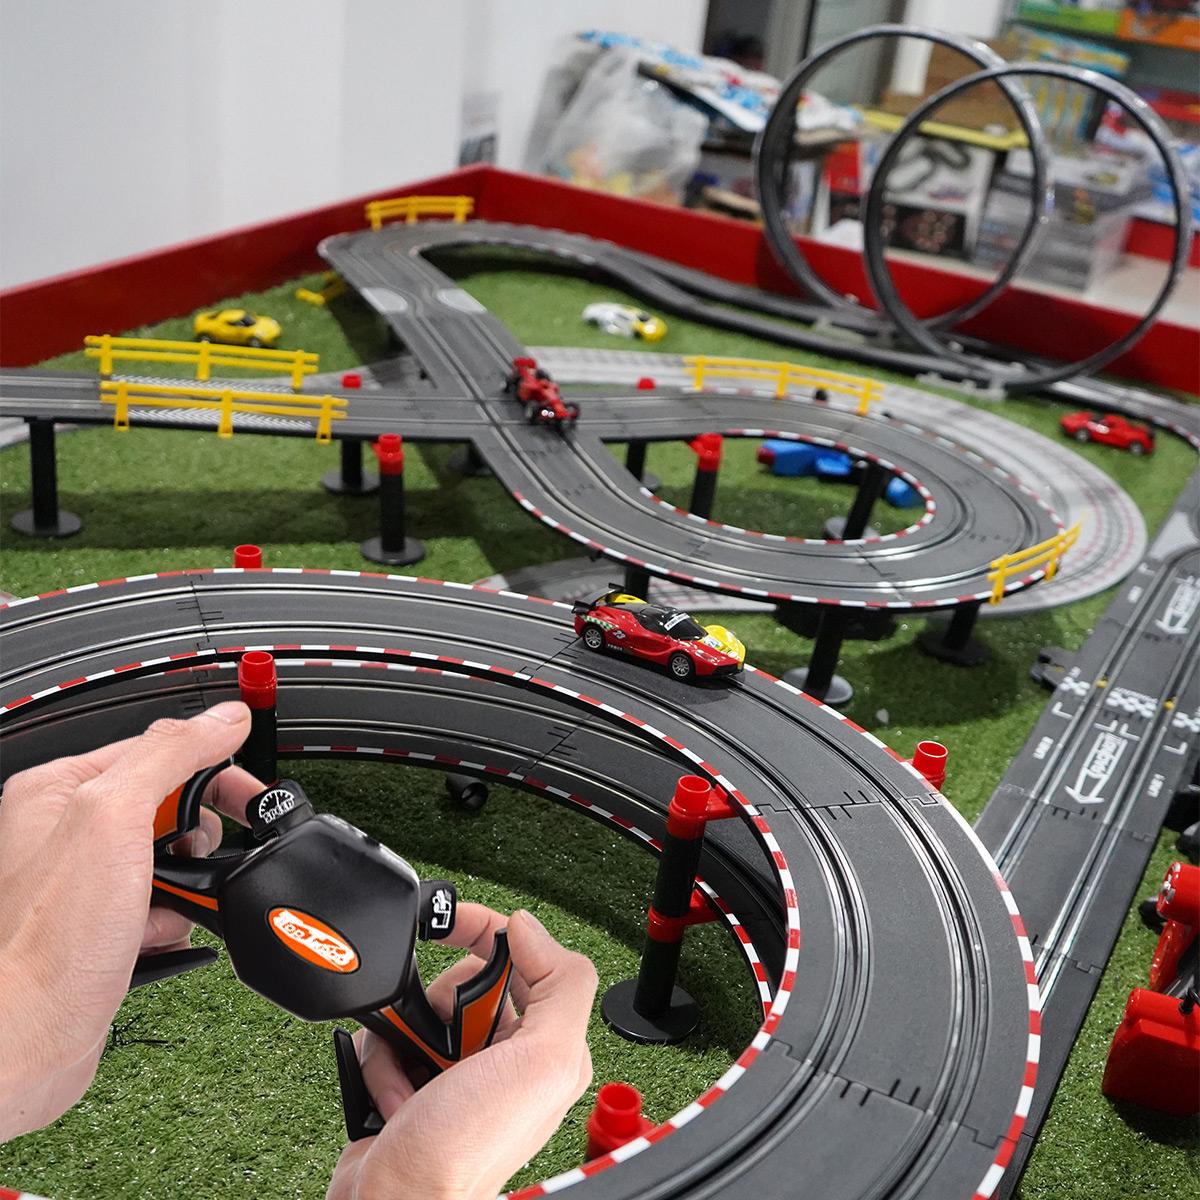 Jouets Pour Enfants Garçon Rail Voiture 3-6 Ans 4 Garçons 5 à Jouet Pour 5 Ans Garcon